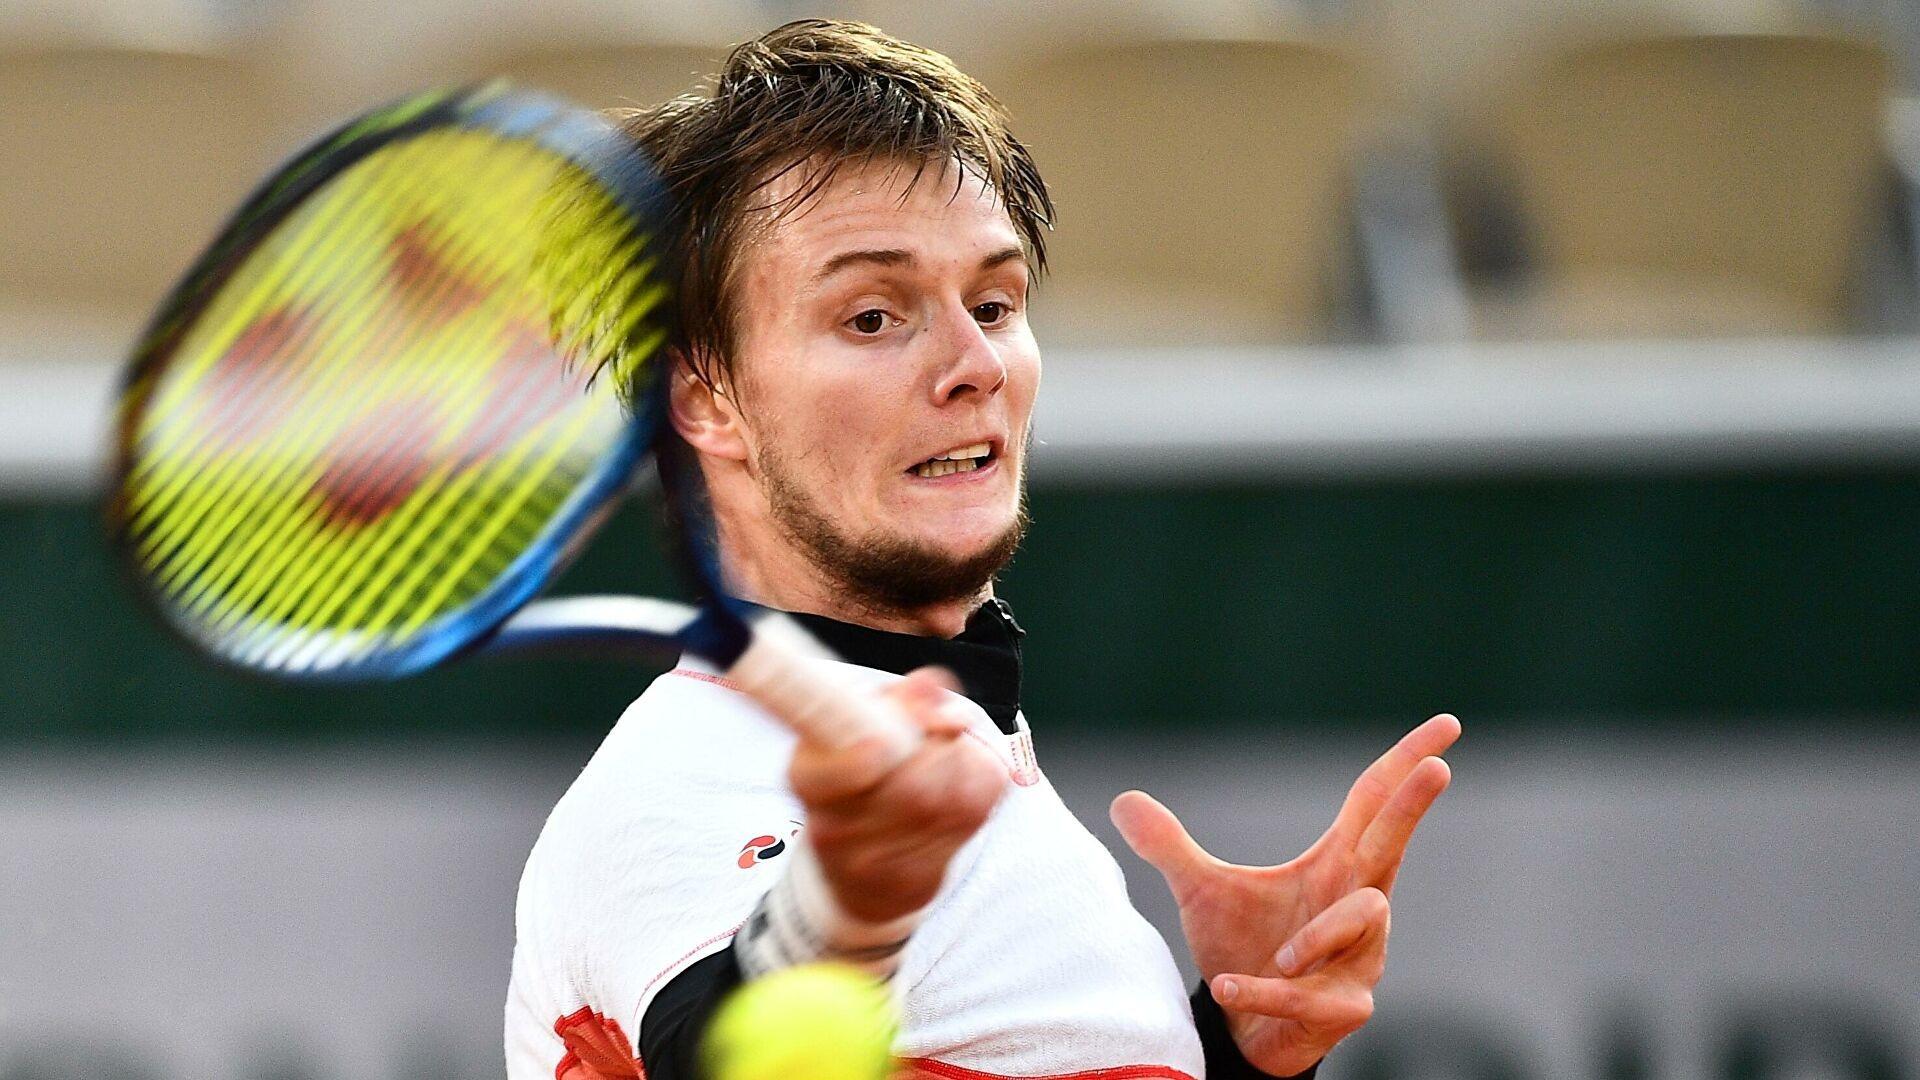 Александр Бублик уступил в четвертьфинале турнира в Истборне